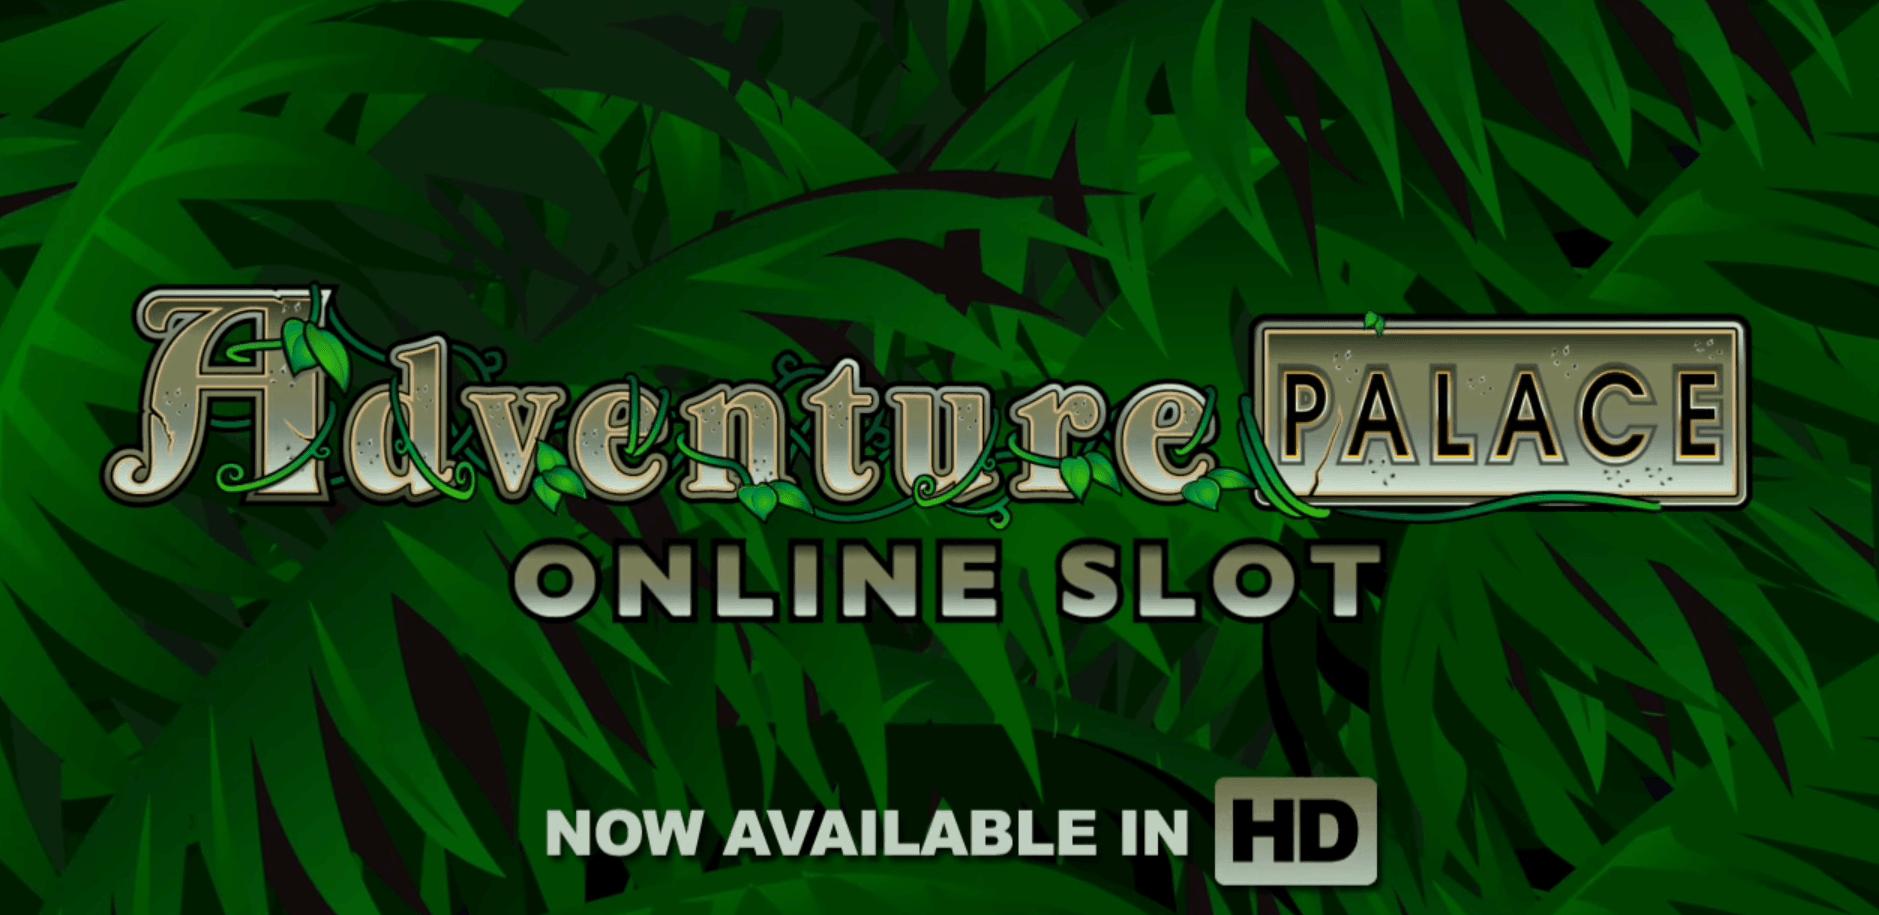 Adventure Palace Hd slot